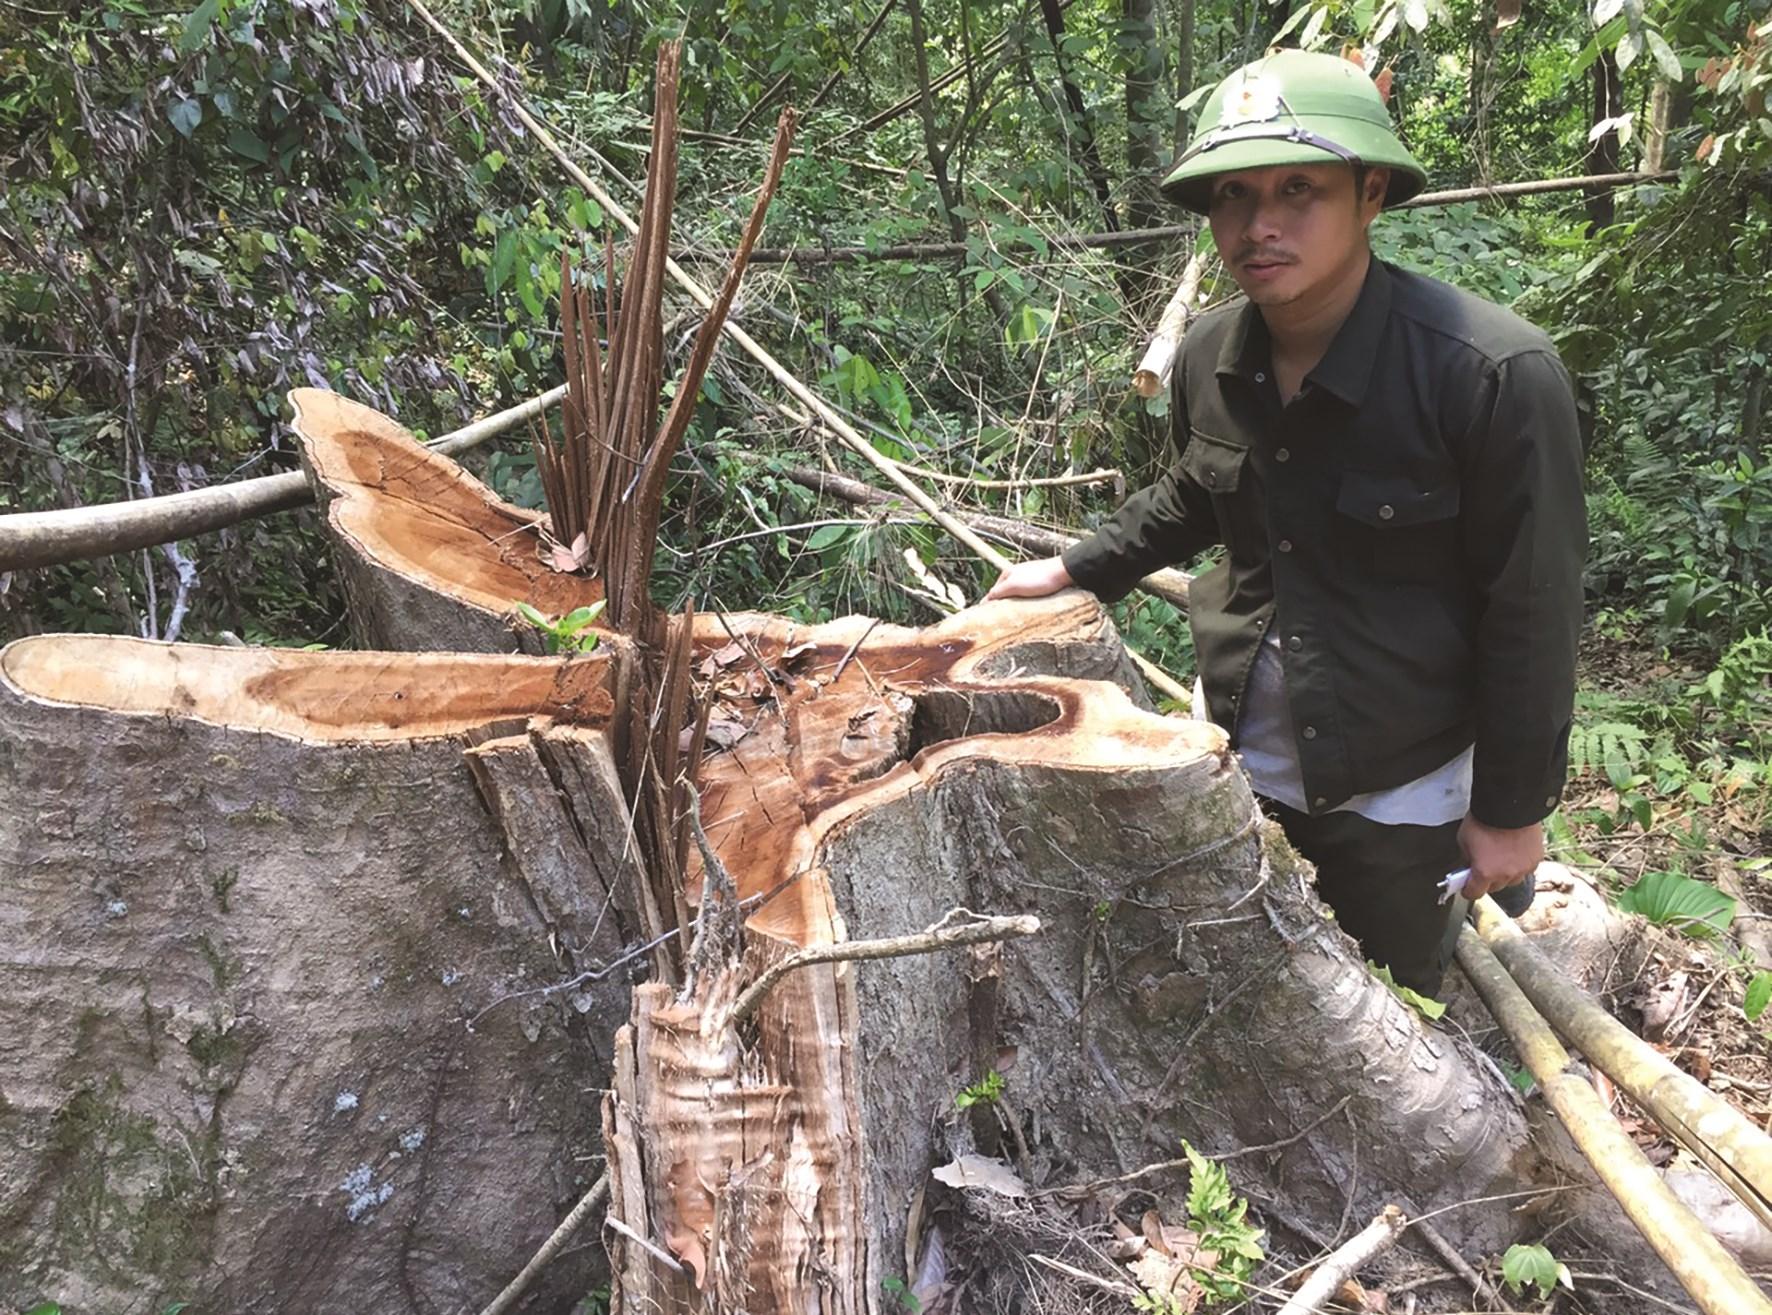 Lực lượng Kiểm Lâm tuần tra phát hiện nhiều gốc cây lớn đường kính từ 40cm trở lên bị chặt phá.